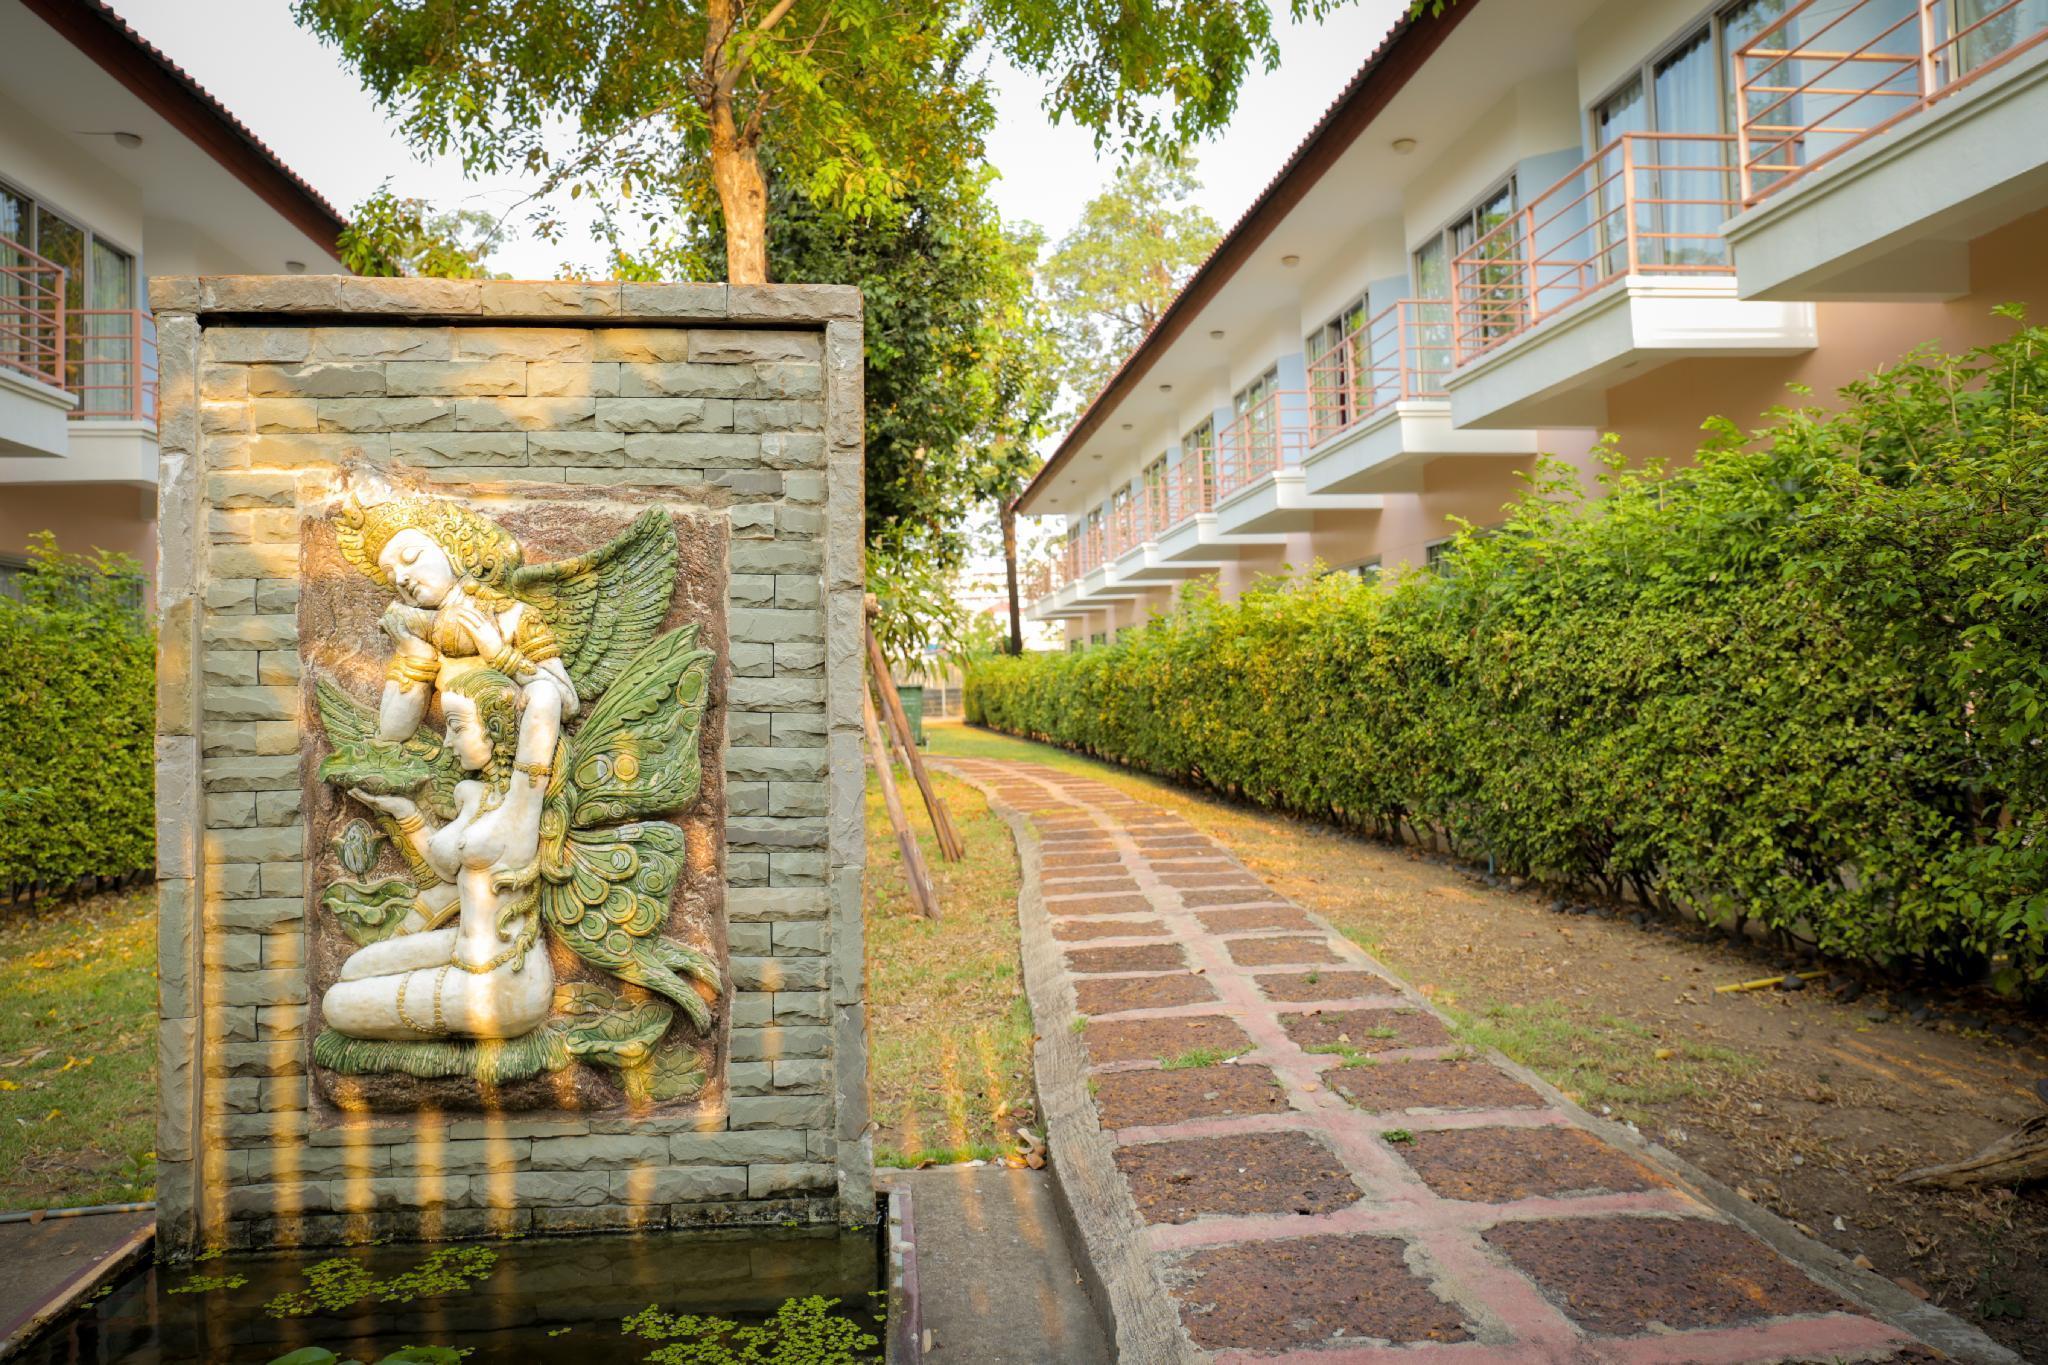 Kiatthada Resort & House เกียรติธาดา รีสอร์ต แอนด์ เฮาส์